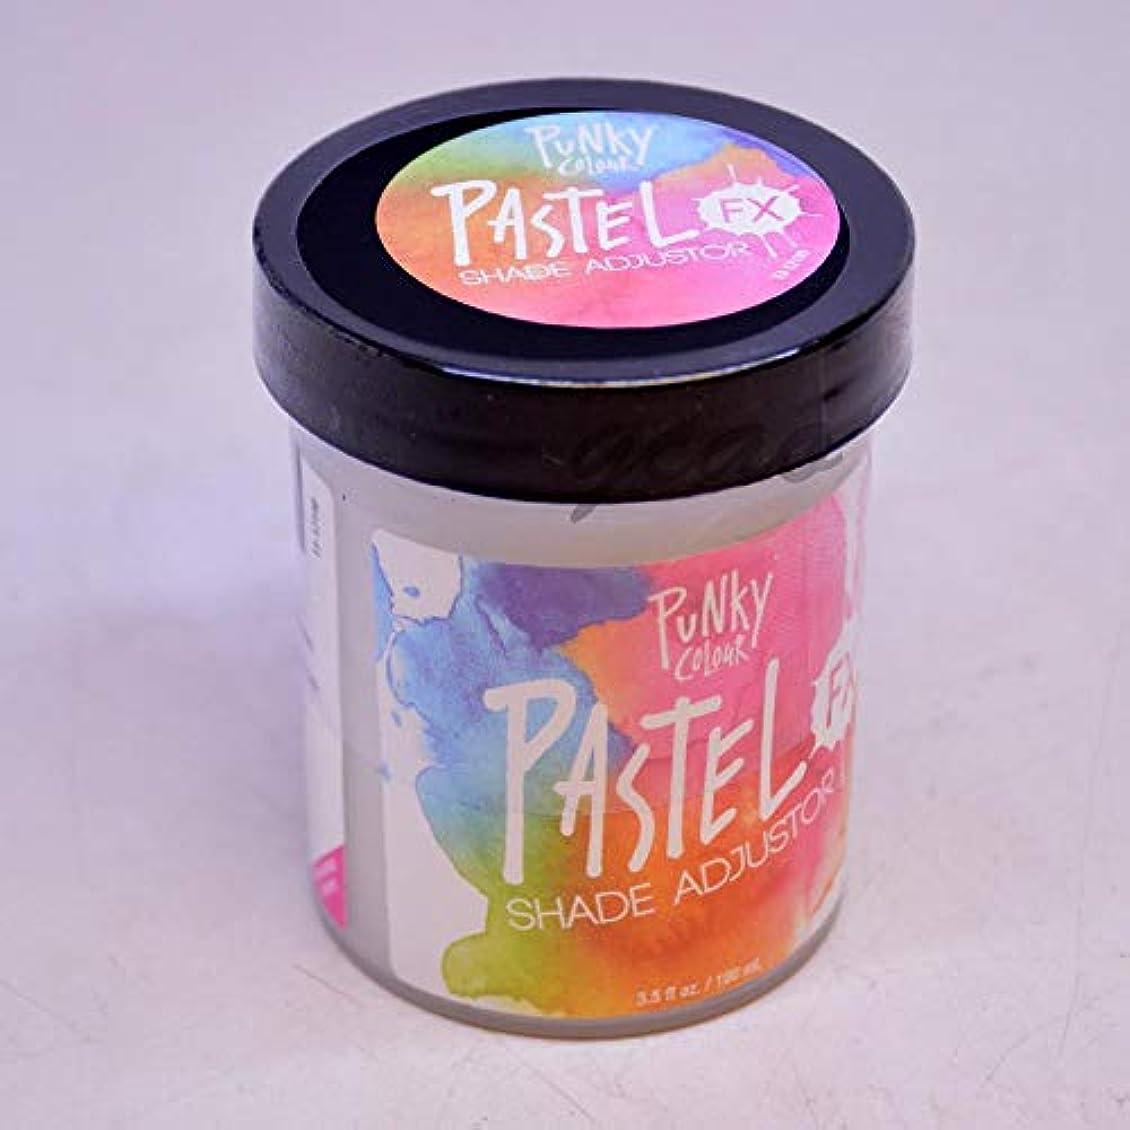 アプト友情自慢JEROME RUSSELL Punky Color Semi-Permanent Conditioning Hair Color - Pastel FX Shade Adjuster (並行輸入品)